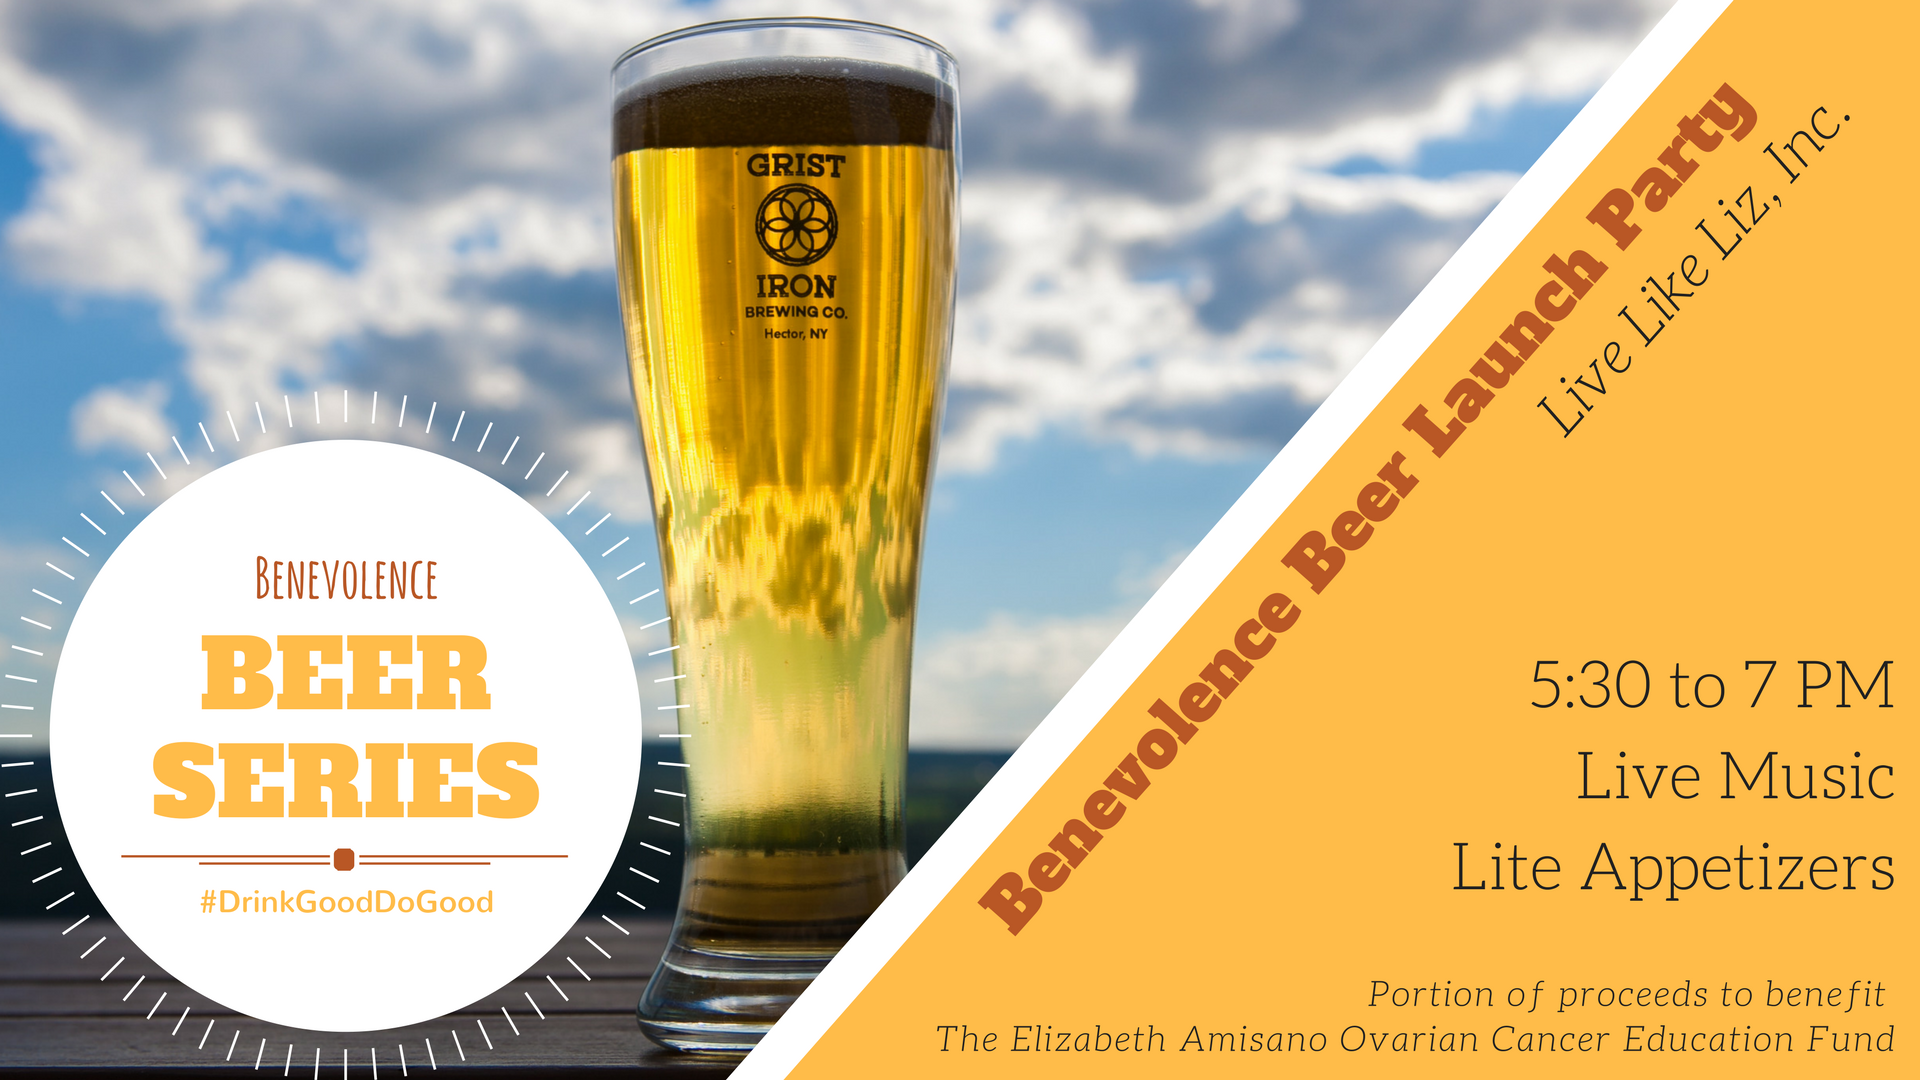 Benevolence Beer Series - Live Like Liz.png